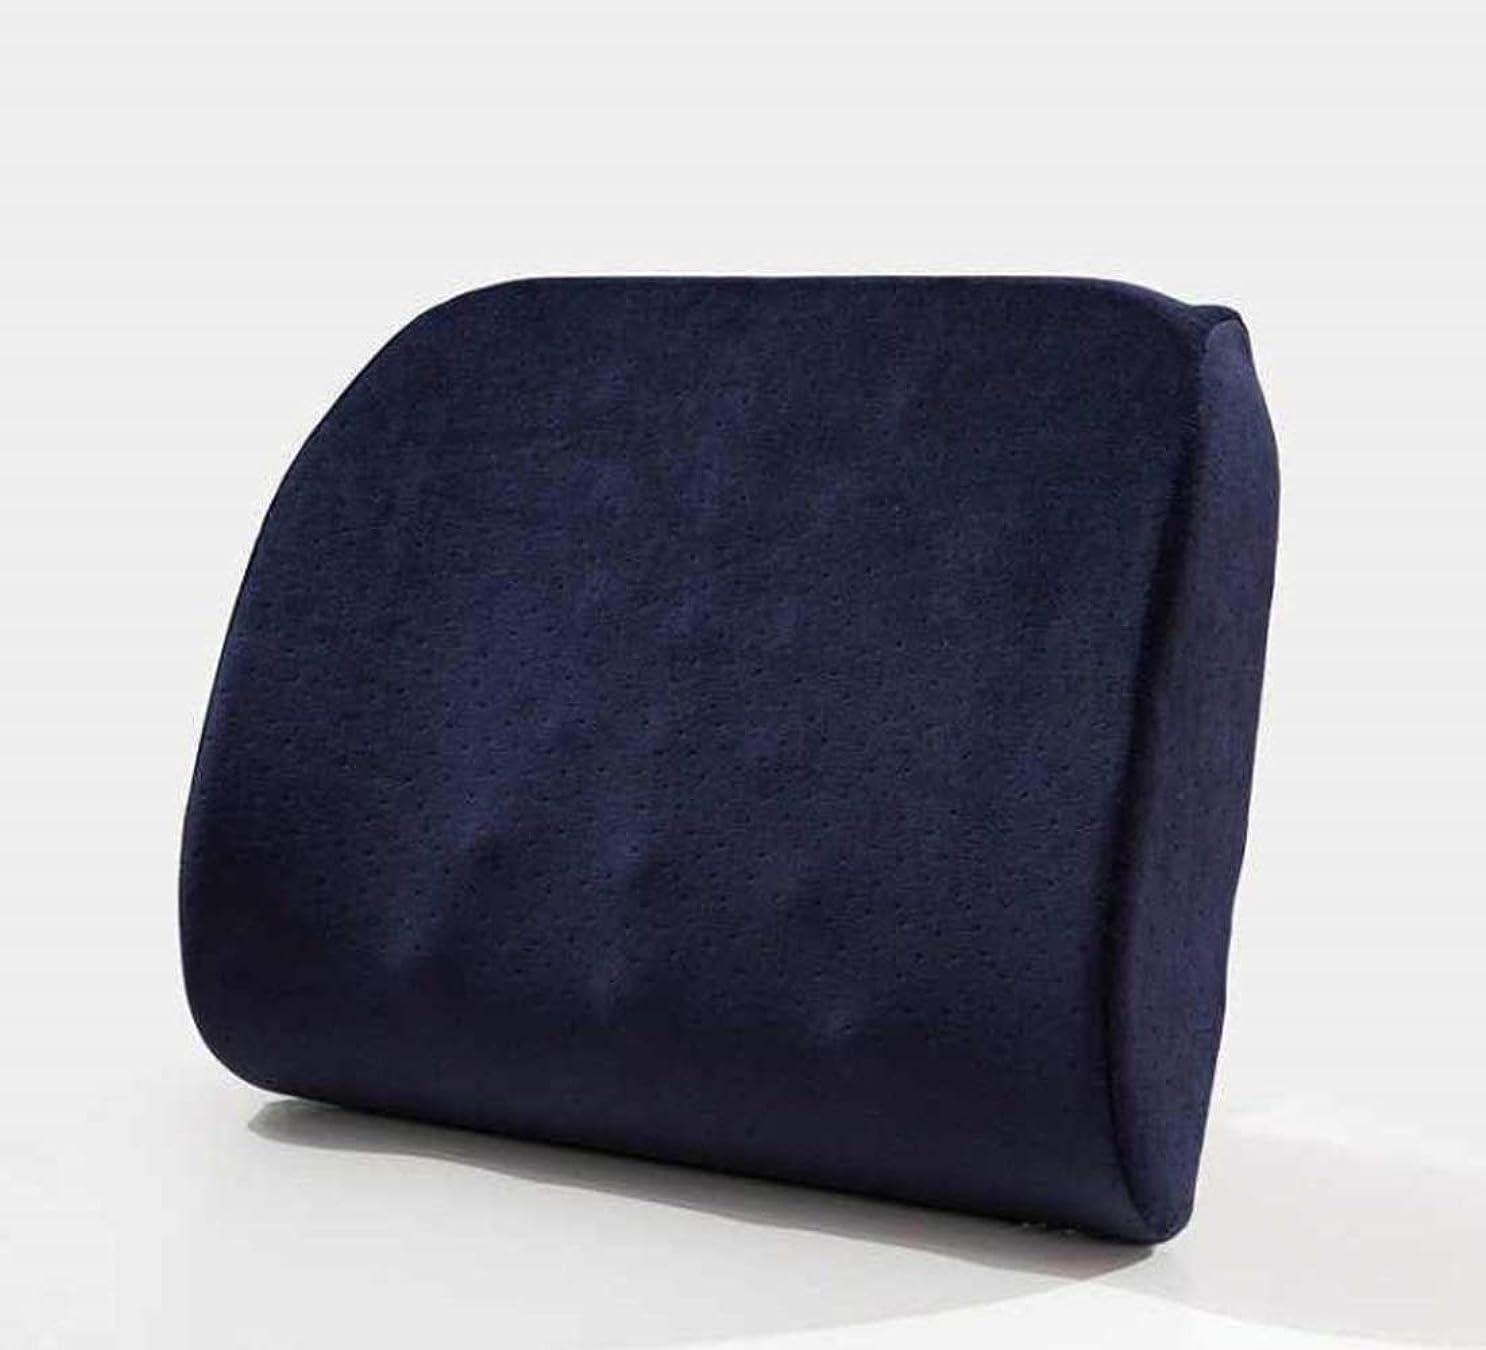 満足させる思いやり勢い方朝日スポーツ用品店 メモリ綿の腰部クッションオフィスオフィスゆっくりリバウンドカーマッサージウエストピロー (Color : ブルー)